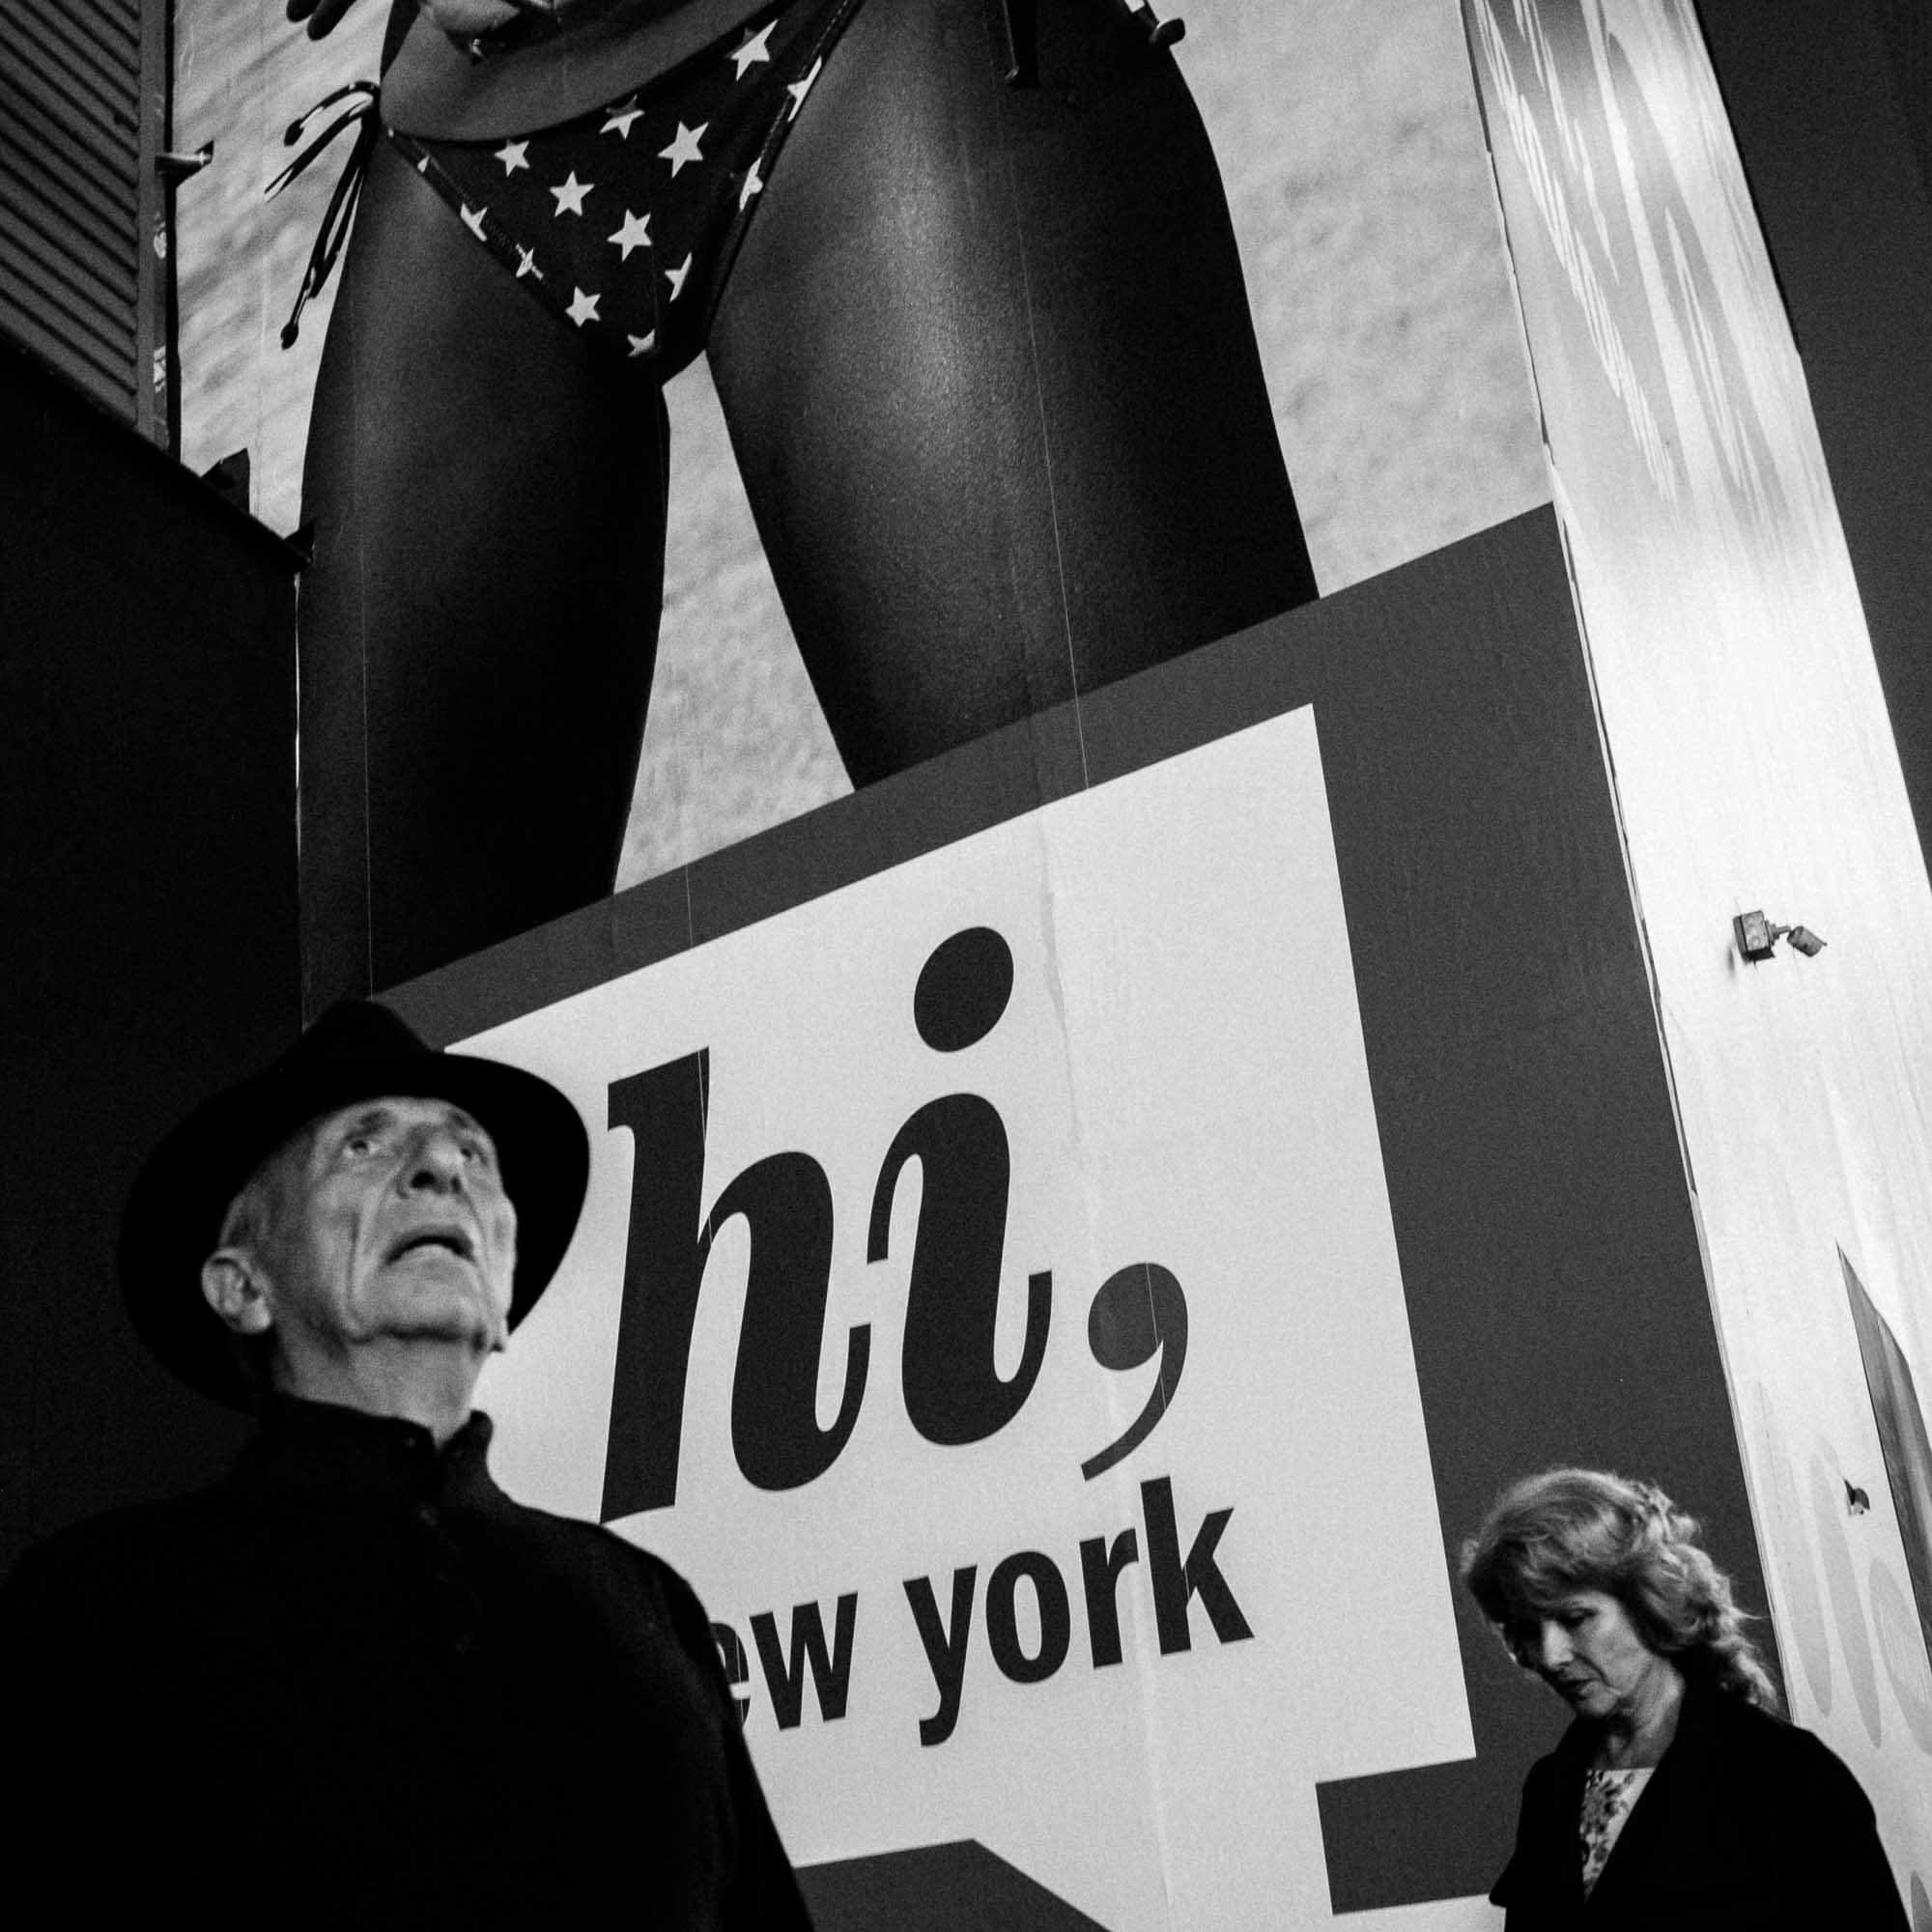 reise bericht new york gotham hi sign mit altem mann mit hut